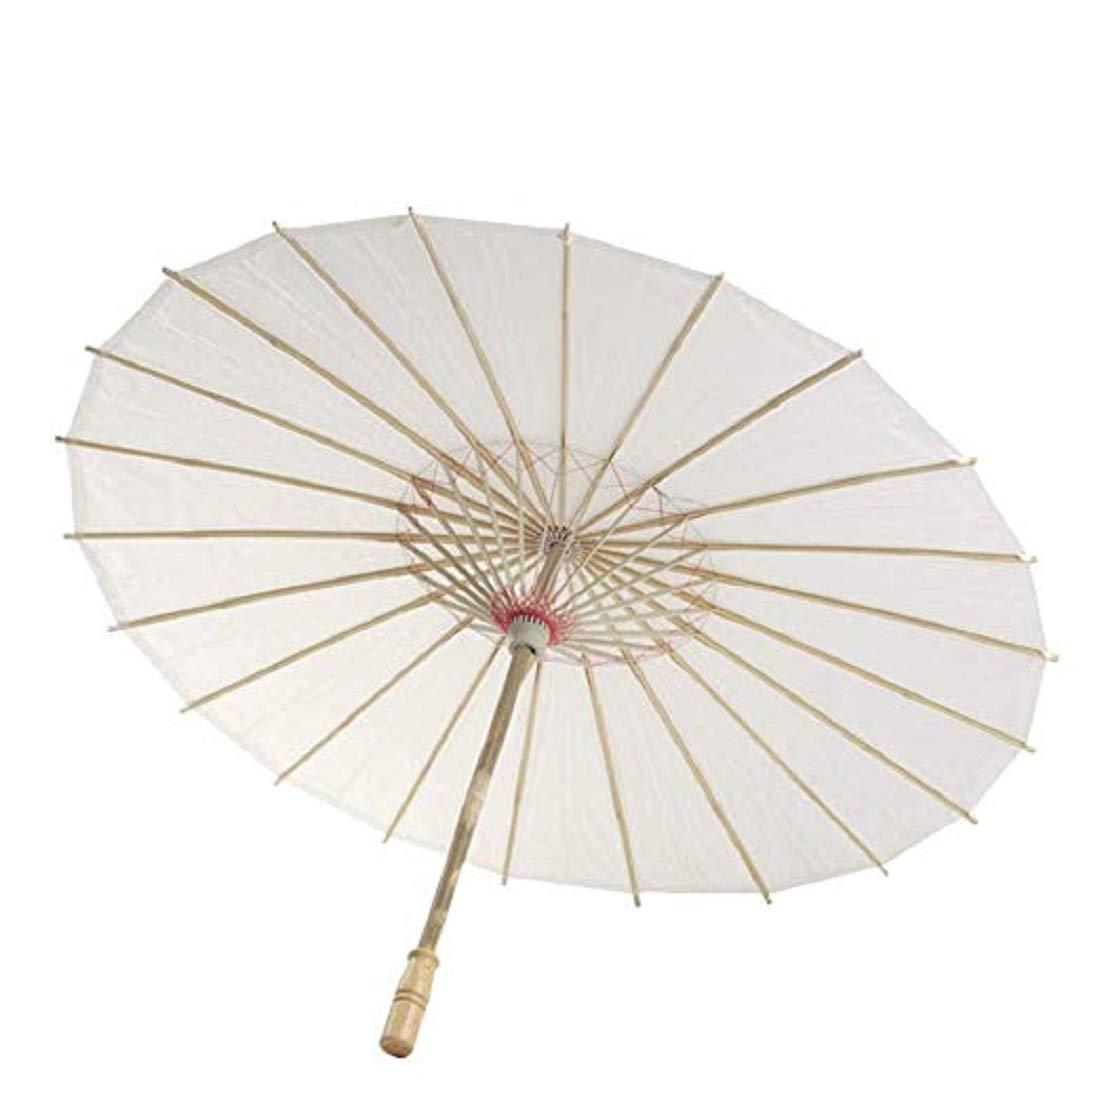 Blanc, 22CM Chinois en Bambou Parasol Parapluie,Vennisa Blanc Mariage Tournage Parasol Fait /à La Main Ombrelle Mariage Parasol Mariage D/écor Danse Photo Cosplay Prop